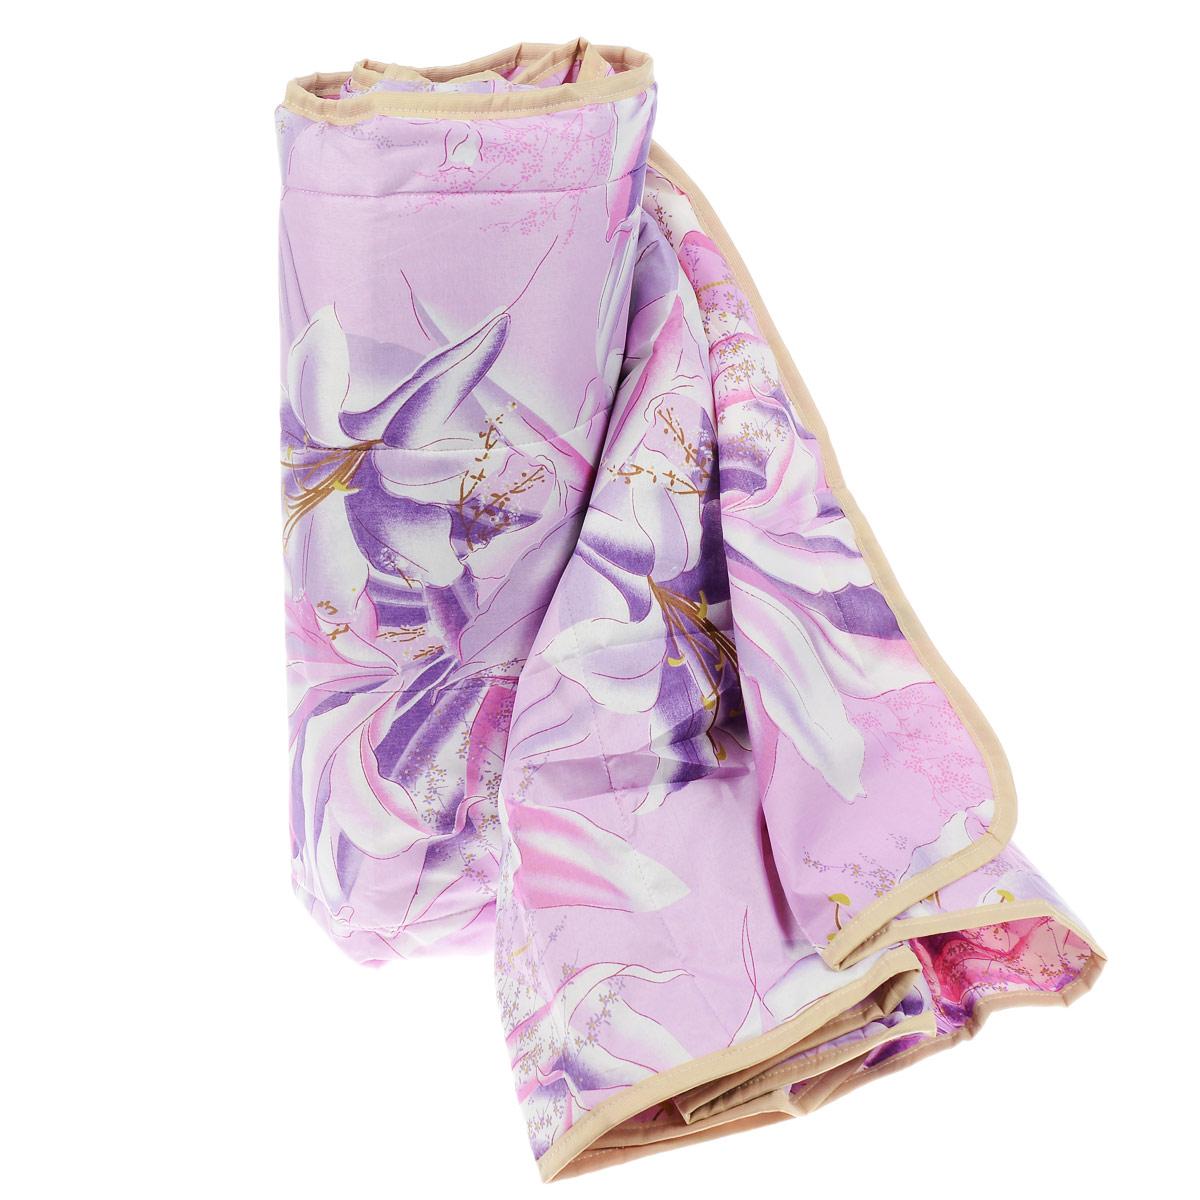 Одеяло летнее OL-Tex Miotex, наполнитель: полиэфирное волокно Holfiteks, цвет: сиреневый, 172 х 205 см531-103Легкое летнее одеяло OL-Tex Miotex создаст комфорт и уют во время сна. Чехол выполнен из полиэстера и оформлен красочным цветочным рисунком. Внутри - современный наполнитель из полиэфирного высокосиликонизированного волокна Holfiteks, упругий и качественный. Прекрасно держит тепло. Одеяло с наполнителем Holfiteks легкое и комфортное. Даже после многократных стирок не теряет свою форму, наполнитель не сбивается, так как одеяло простегано и окантовано. Не вызывает аллергии. Holfiteks - это возможность легко ухаживать за своими постельными принадлежностями. Можно стирать в машинке, изделия быстро и полностью высыхают - это обеспечивает гигиену спального места при невысокой цене на продукцию. Рекомендации по уходу:- Ручная и машинная стирка при температуре 30°С.- Не гладить.- Не отбеливать. - Нельзя отжимать и сушить в стиральной машине.- Сушить вертикально. Размер одеяла: 172 см х 205 см. Материал чехла: 100% полиэстер. Материал наполнителя: полиэфирное высокосиликонизированное волокно Holfiteks. Плотность: 100 г/м2.